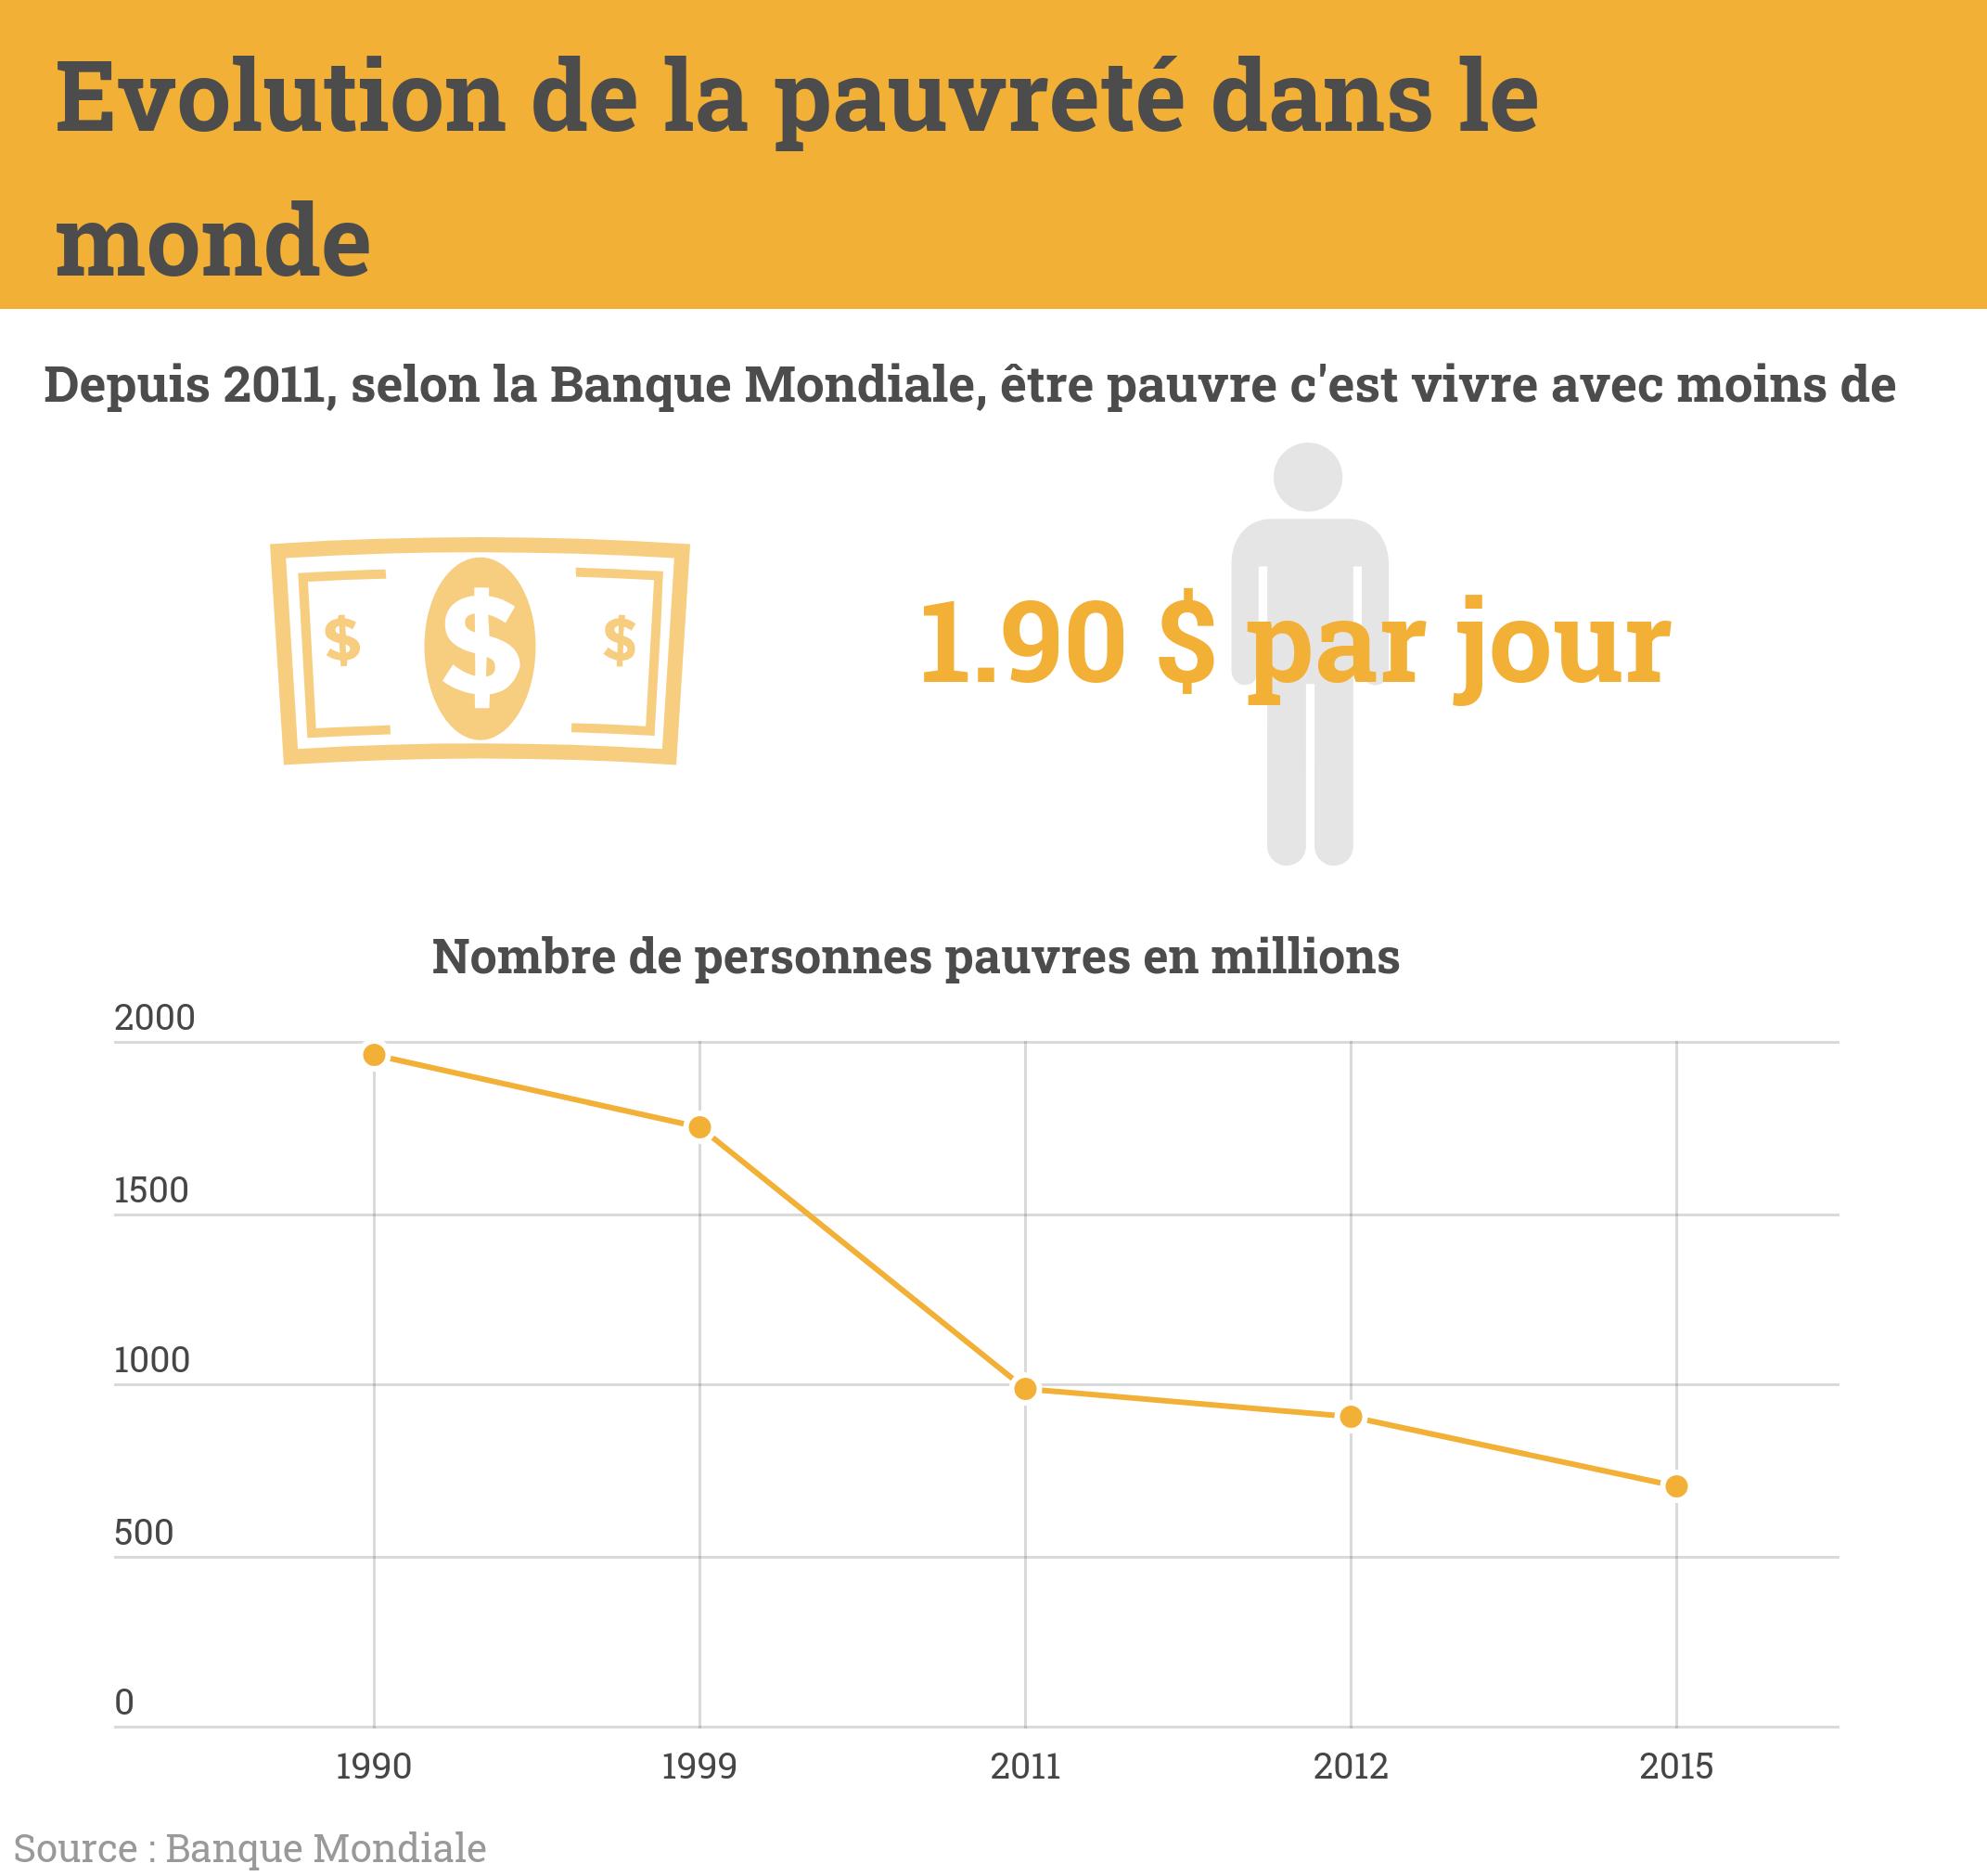 Infographie sur l'évolution de la pauvreté dans le monde, bonne nouvelle elle n'a cessée de diminuée entre 1990 et 2015 !